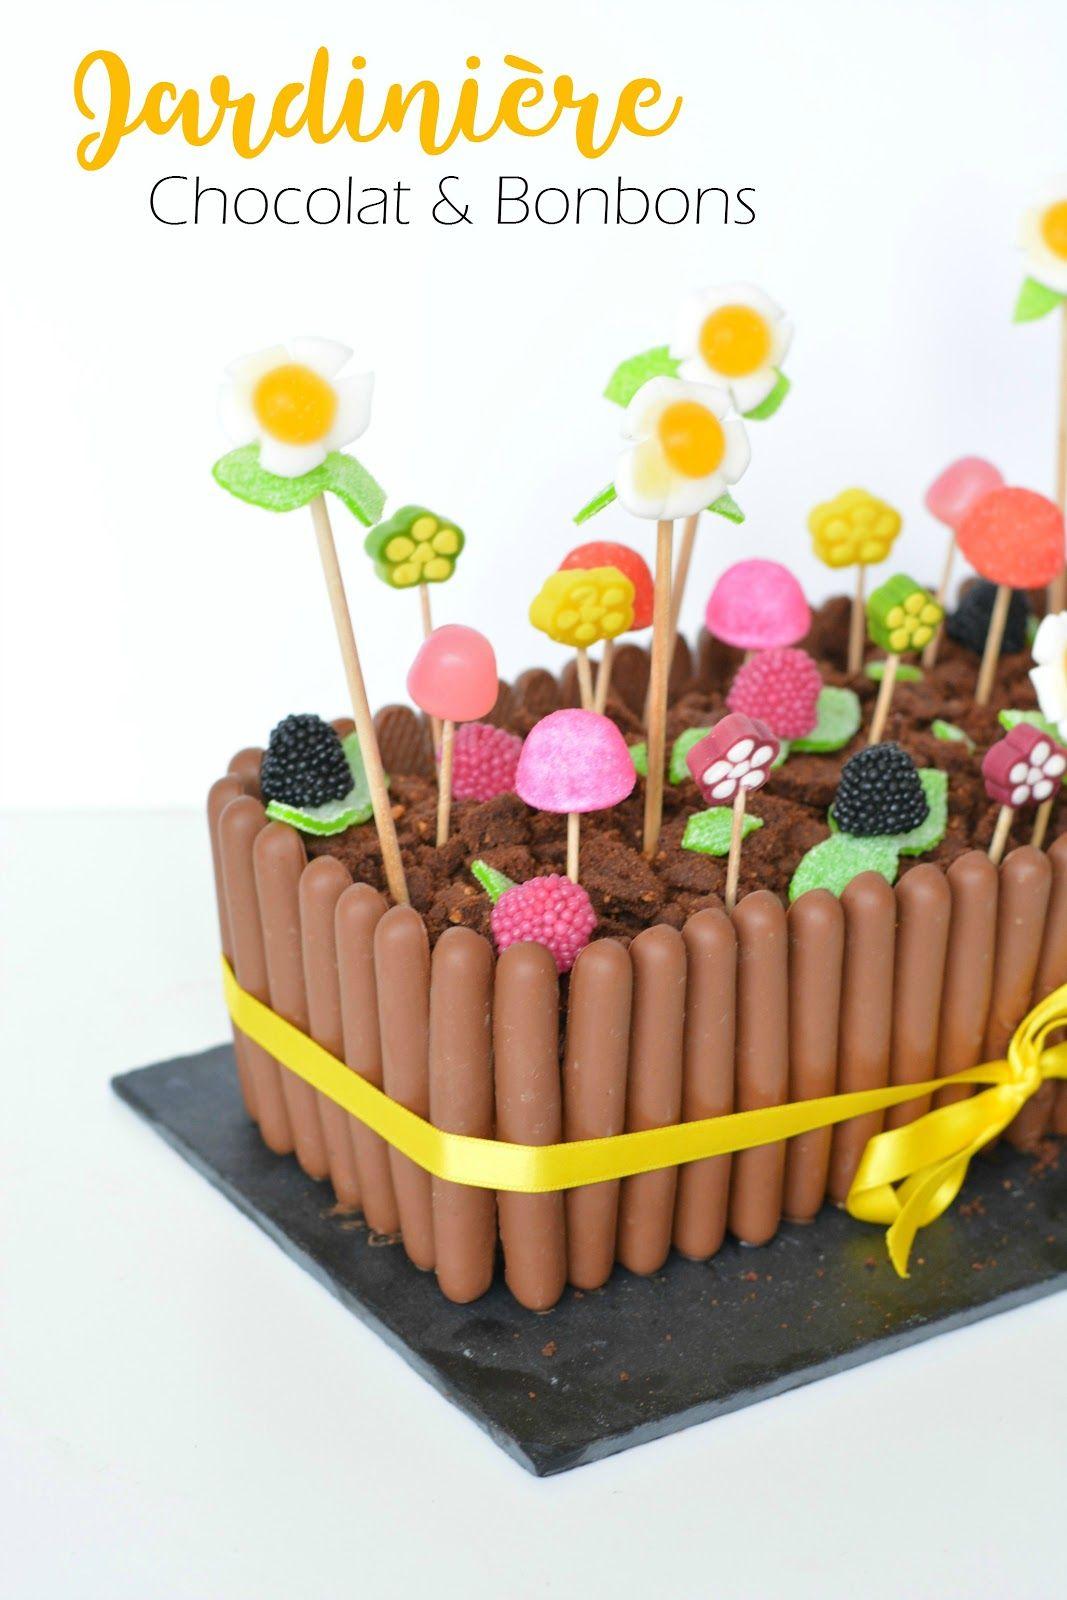 mon g teau de p ques jardini re au chocolat et bonbons. Black Bedroom Furniture Sets. Home Design Ideas